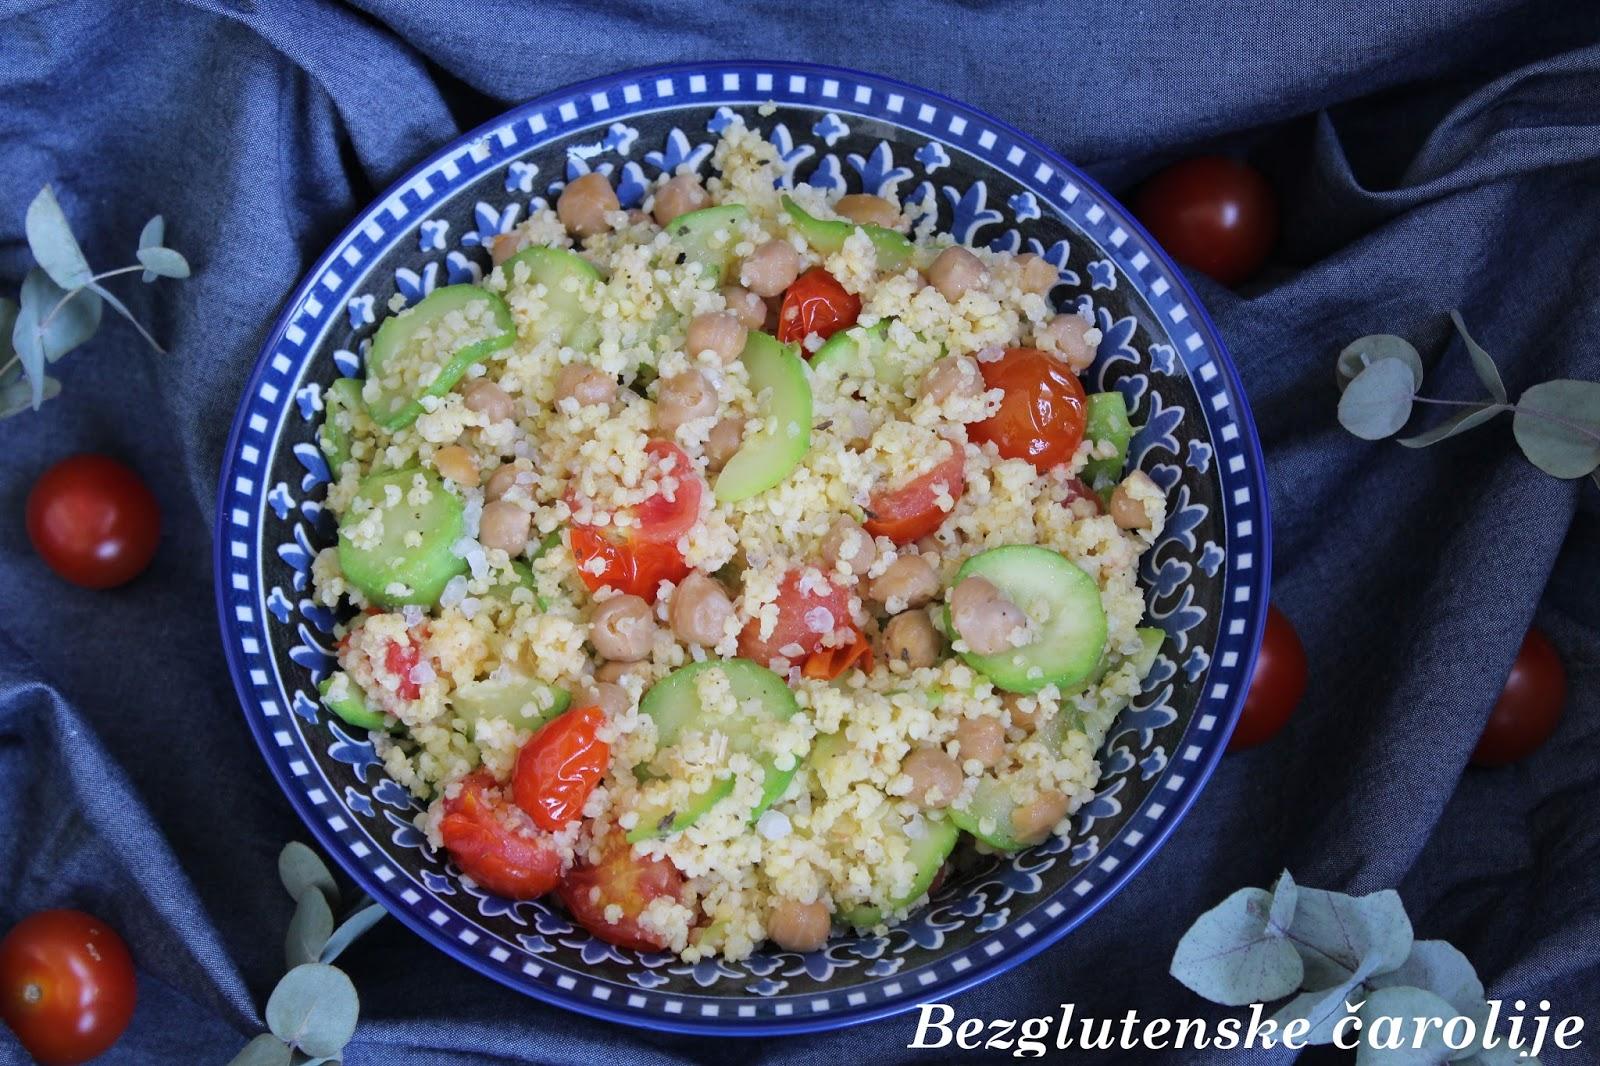 Salata od prosa i lebleblija (slanutka)